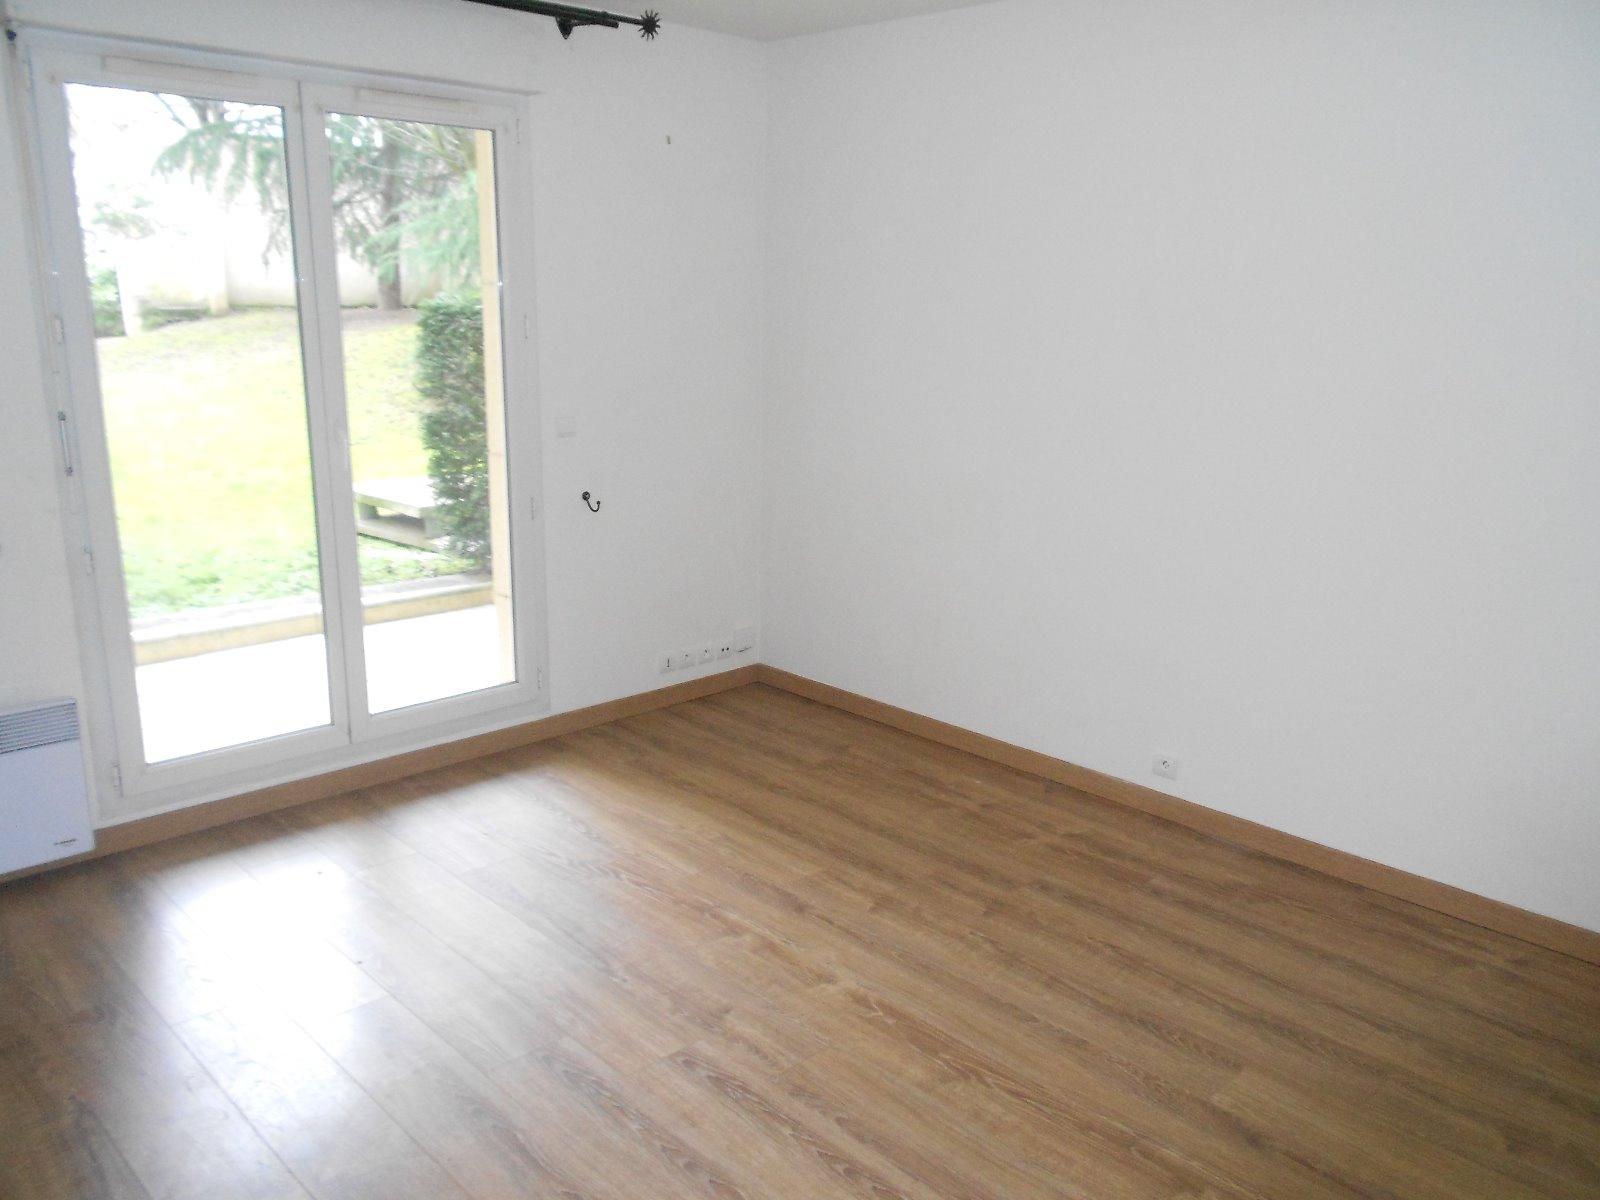 Offres de location Appartements Courbevoie (92400)